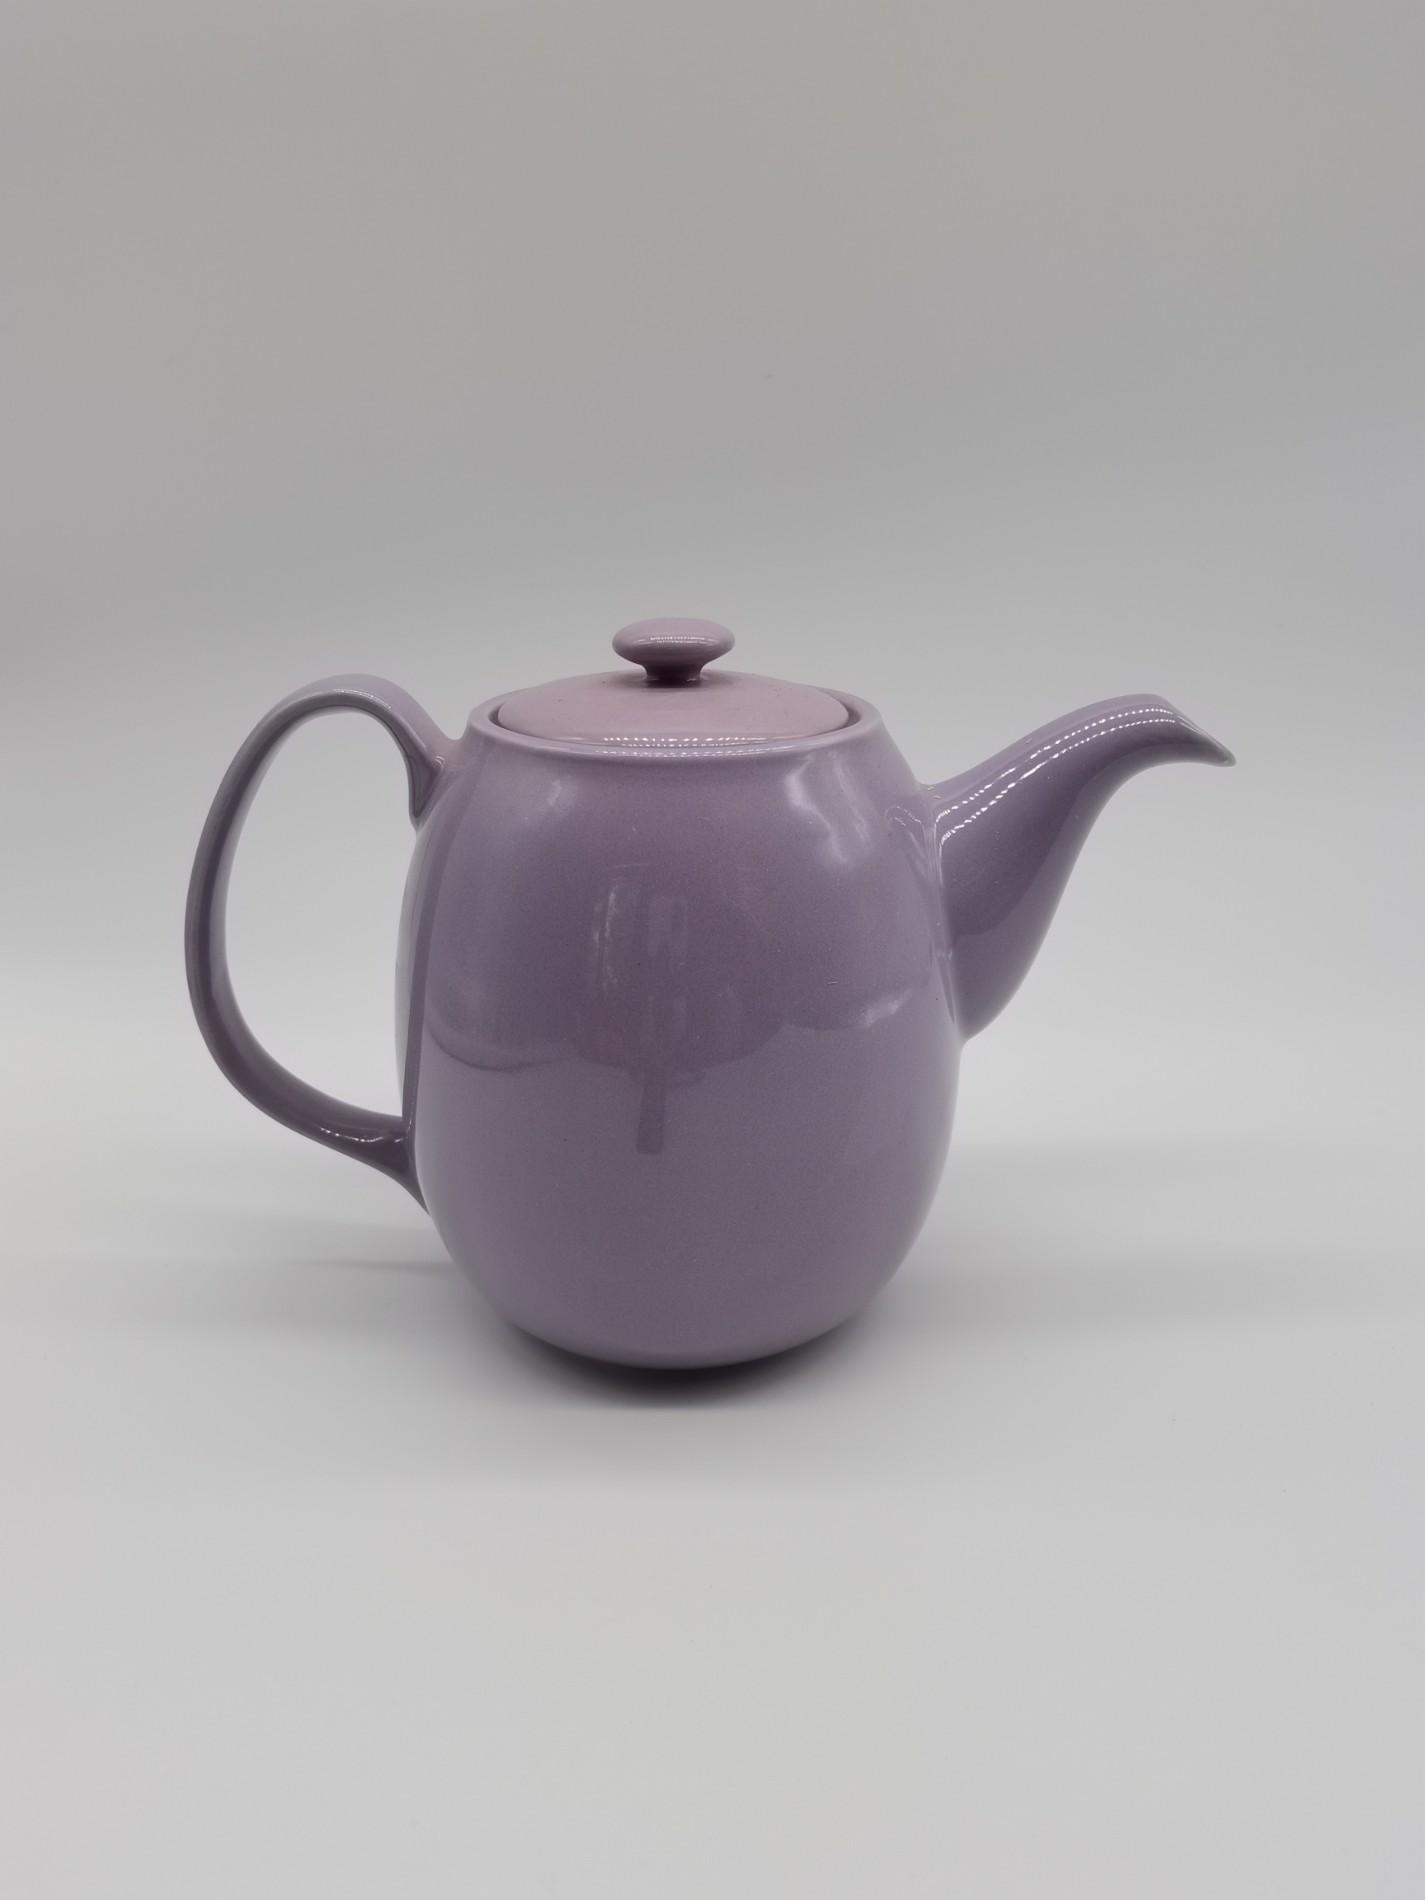 Vintage Ceramic Teapots